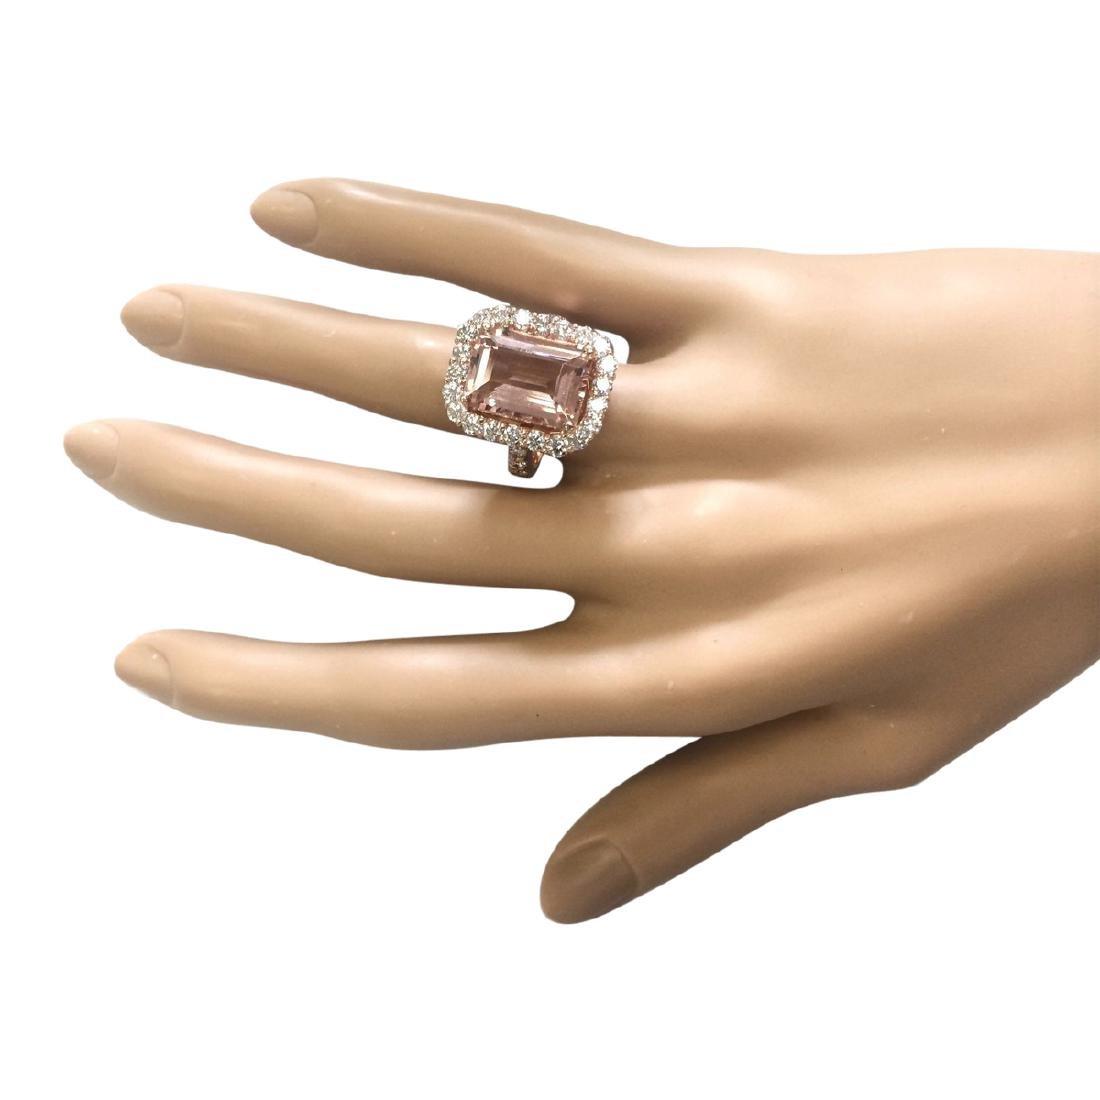 8.33 CTW Natural Morganite And Diamond Ring In 18K Rose - 4